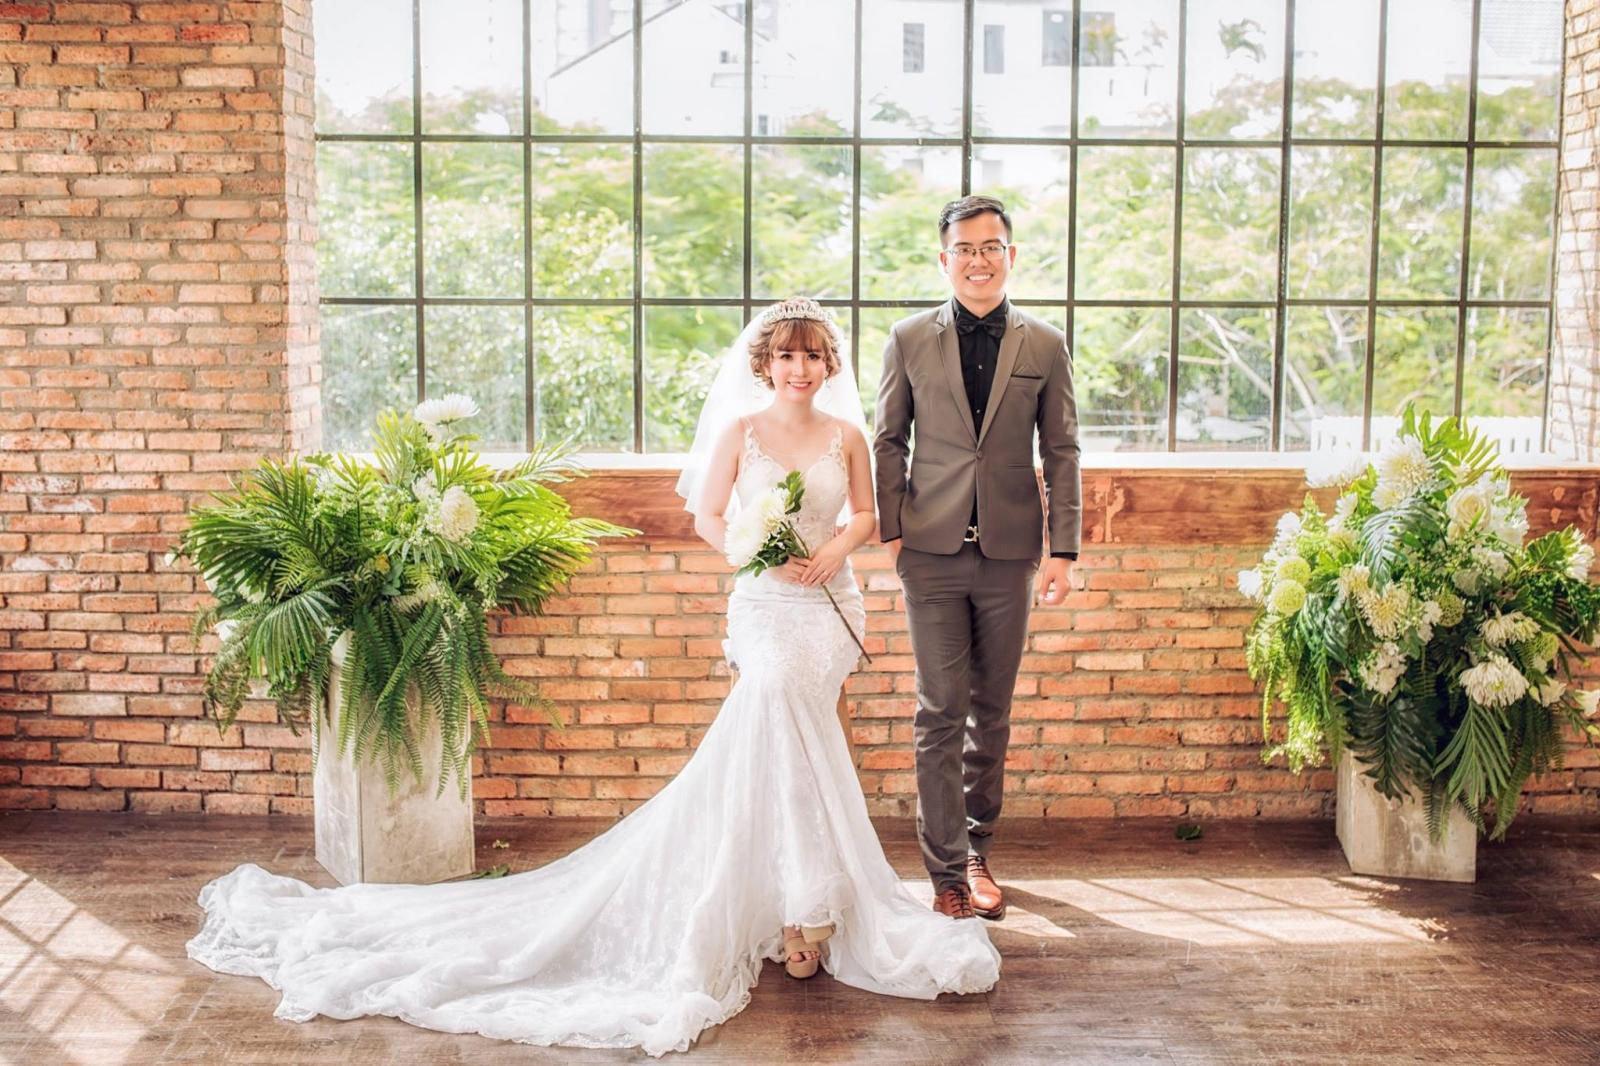 chụp album hình cưới tại phim trường Cabin 69